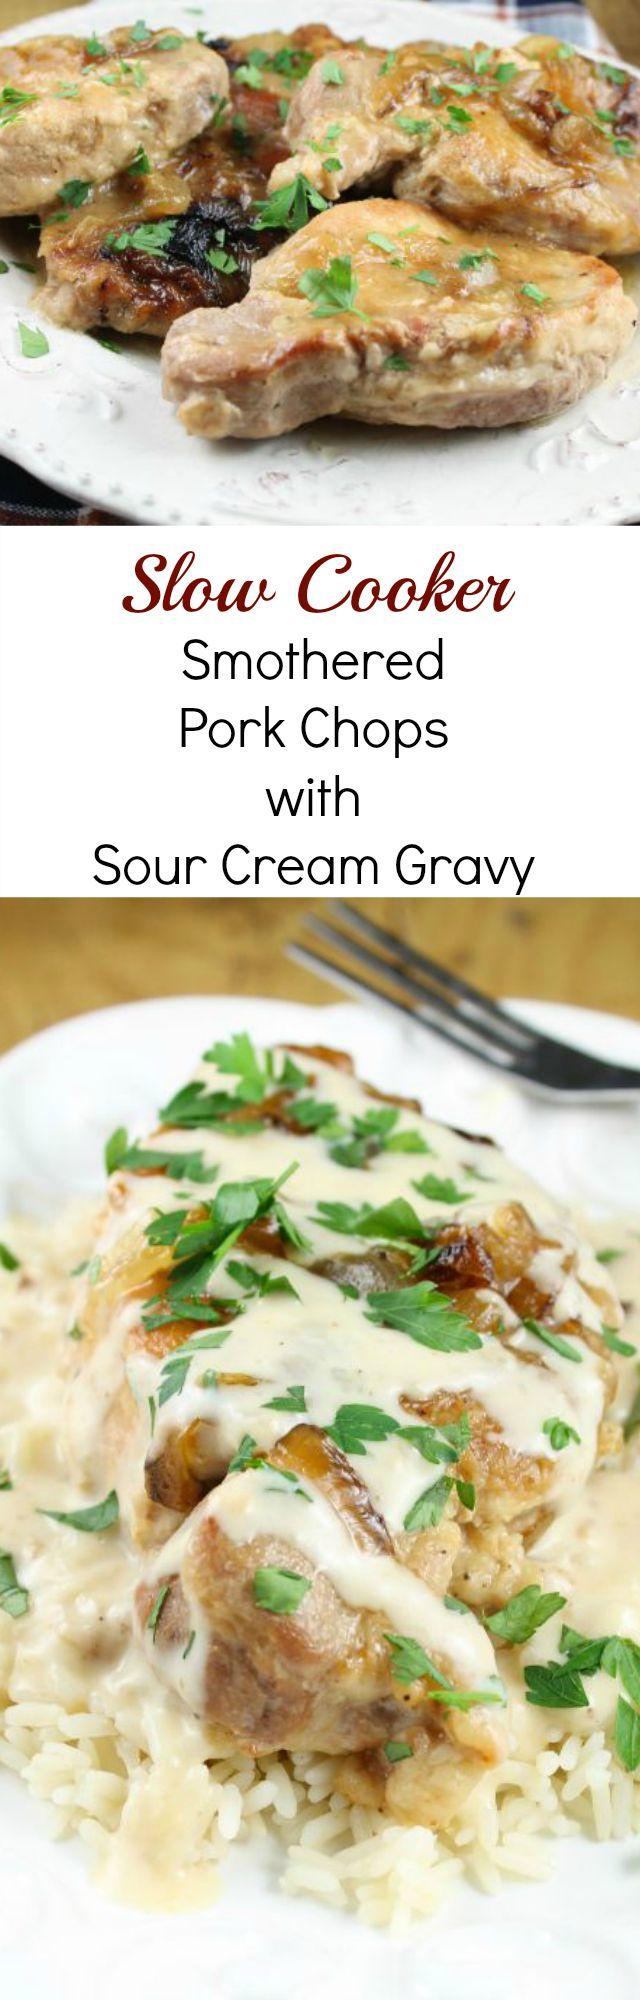 Recipes using sour cream and pork chops